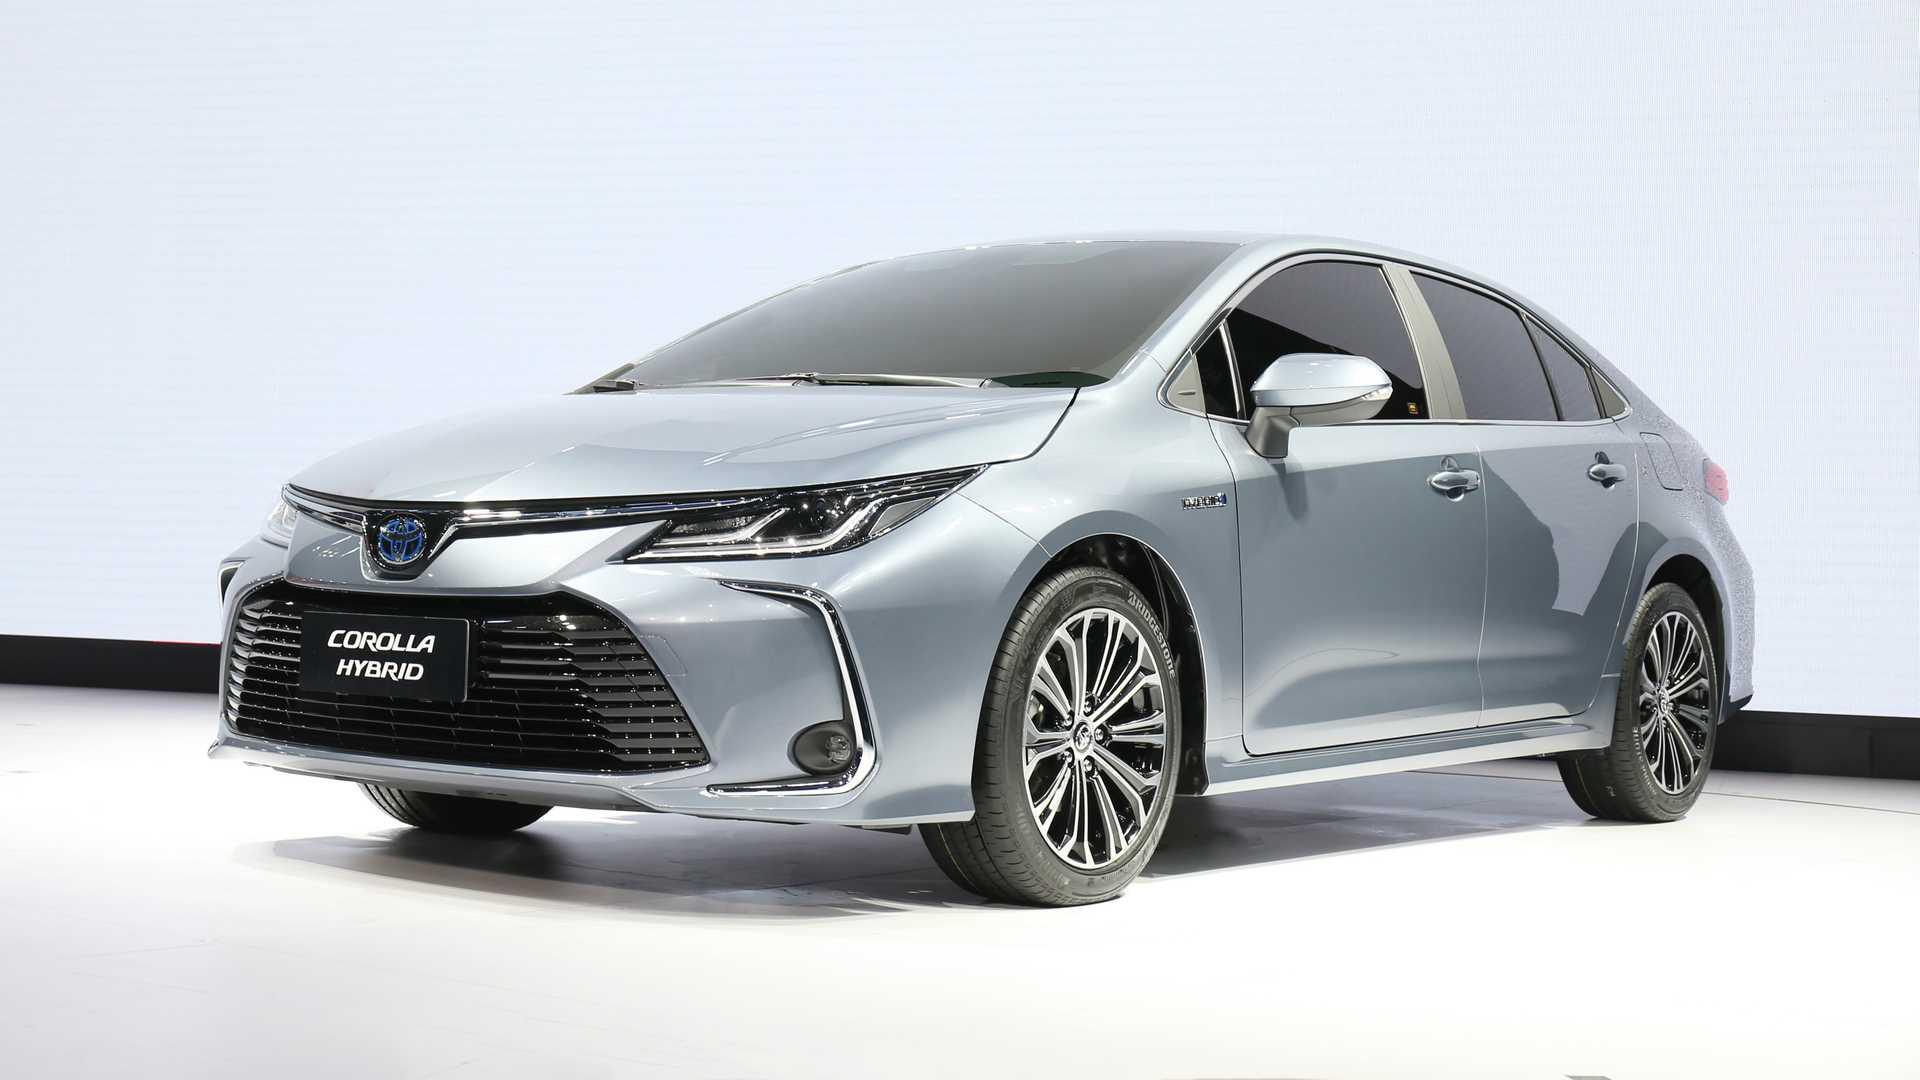 93 All New Toyota Premio 2020 Style for Toyota Premio 2020